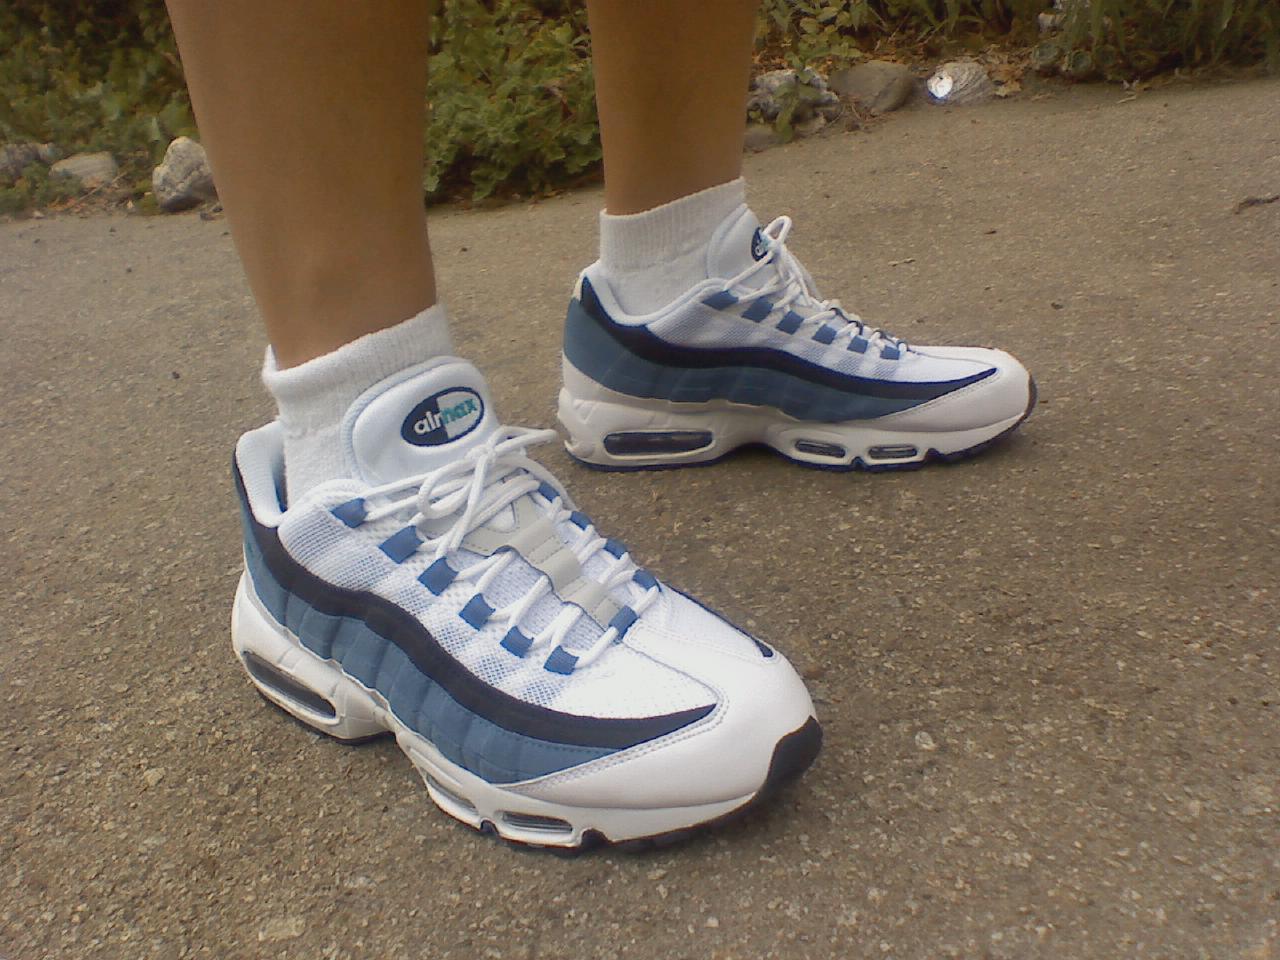 meet e2390 944b5 lace air max 95 shoes .